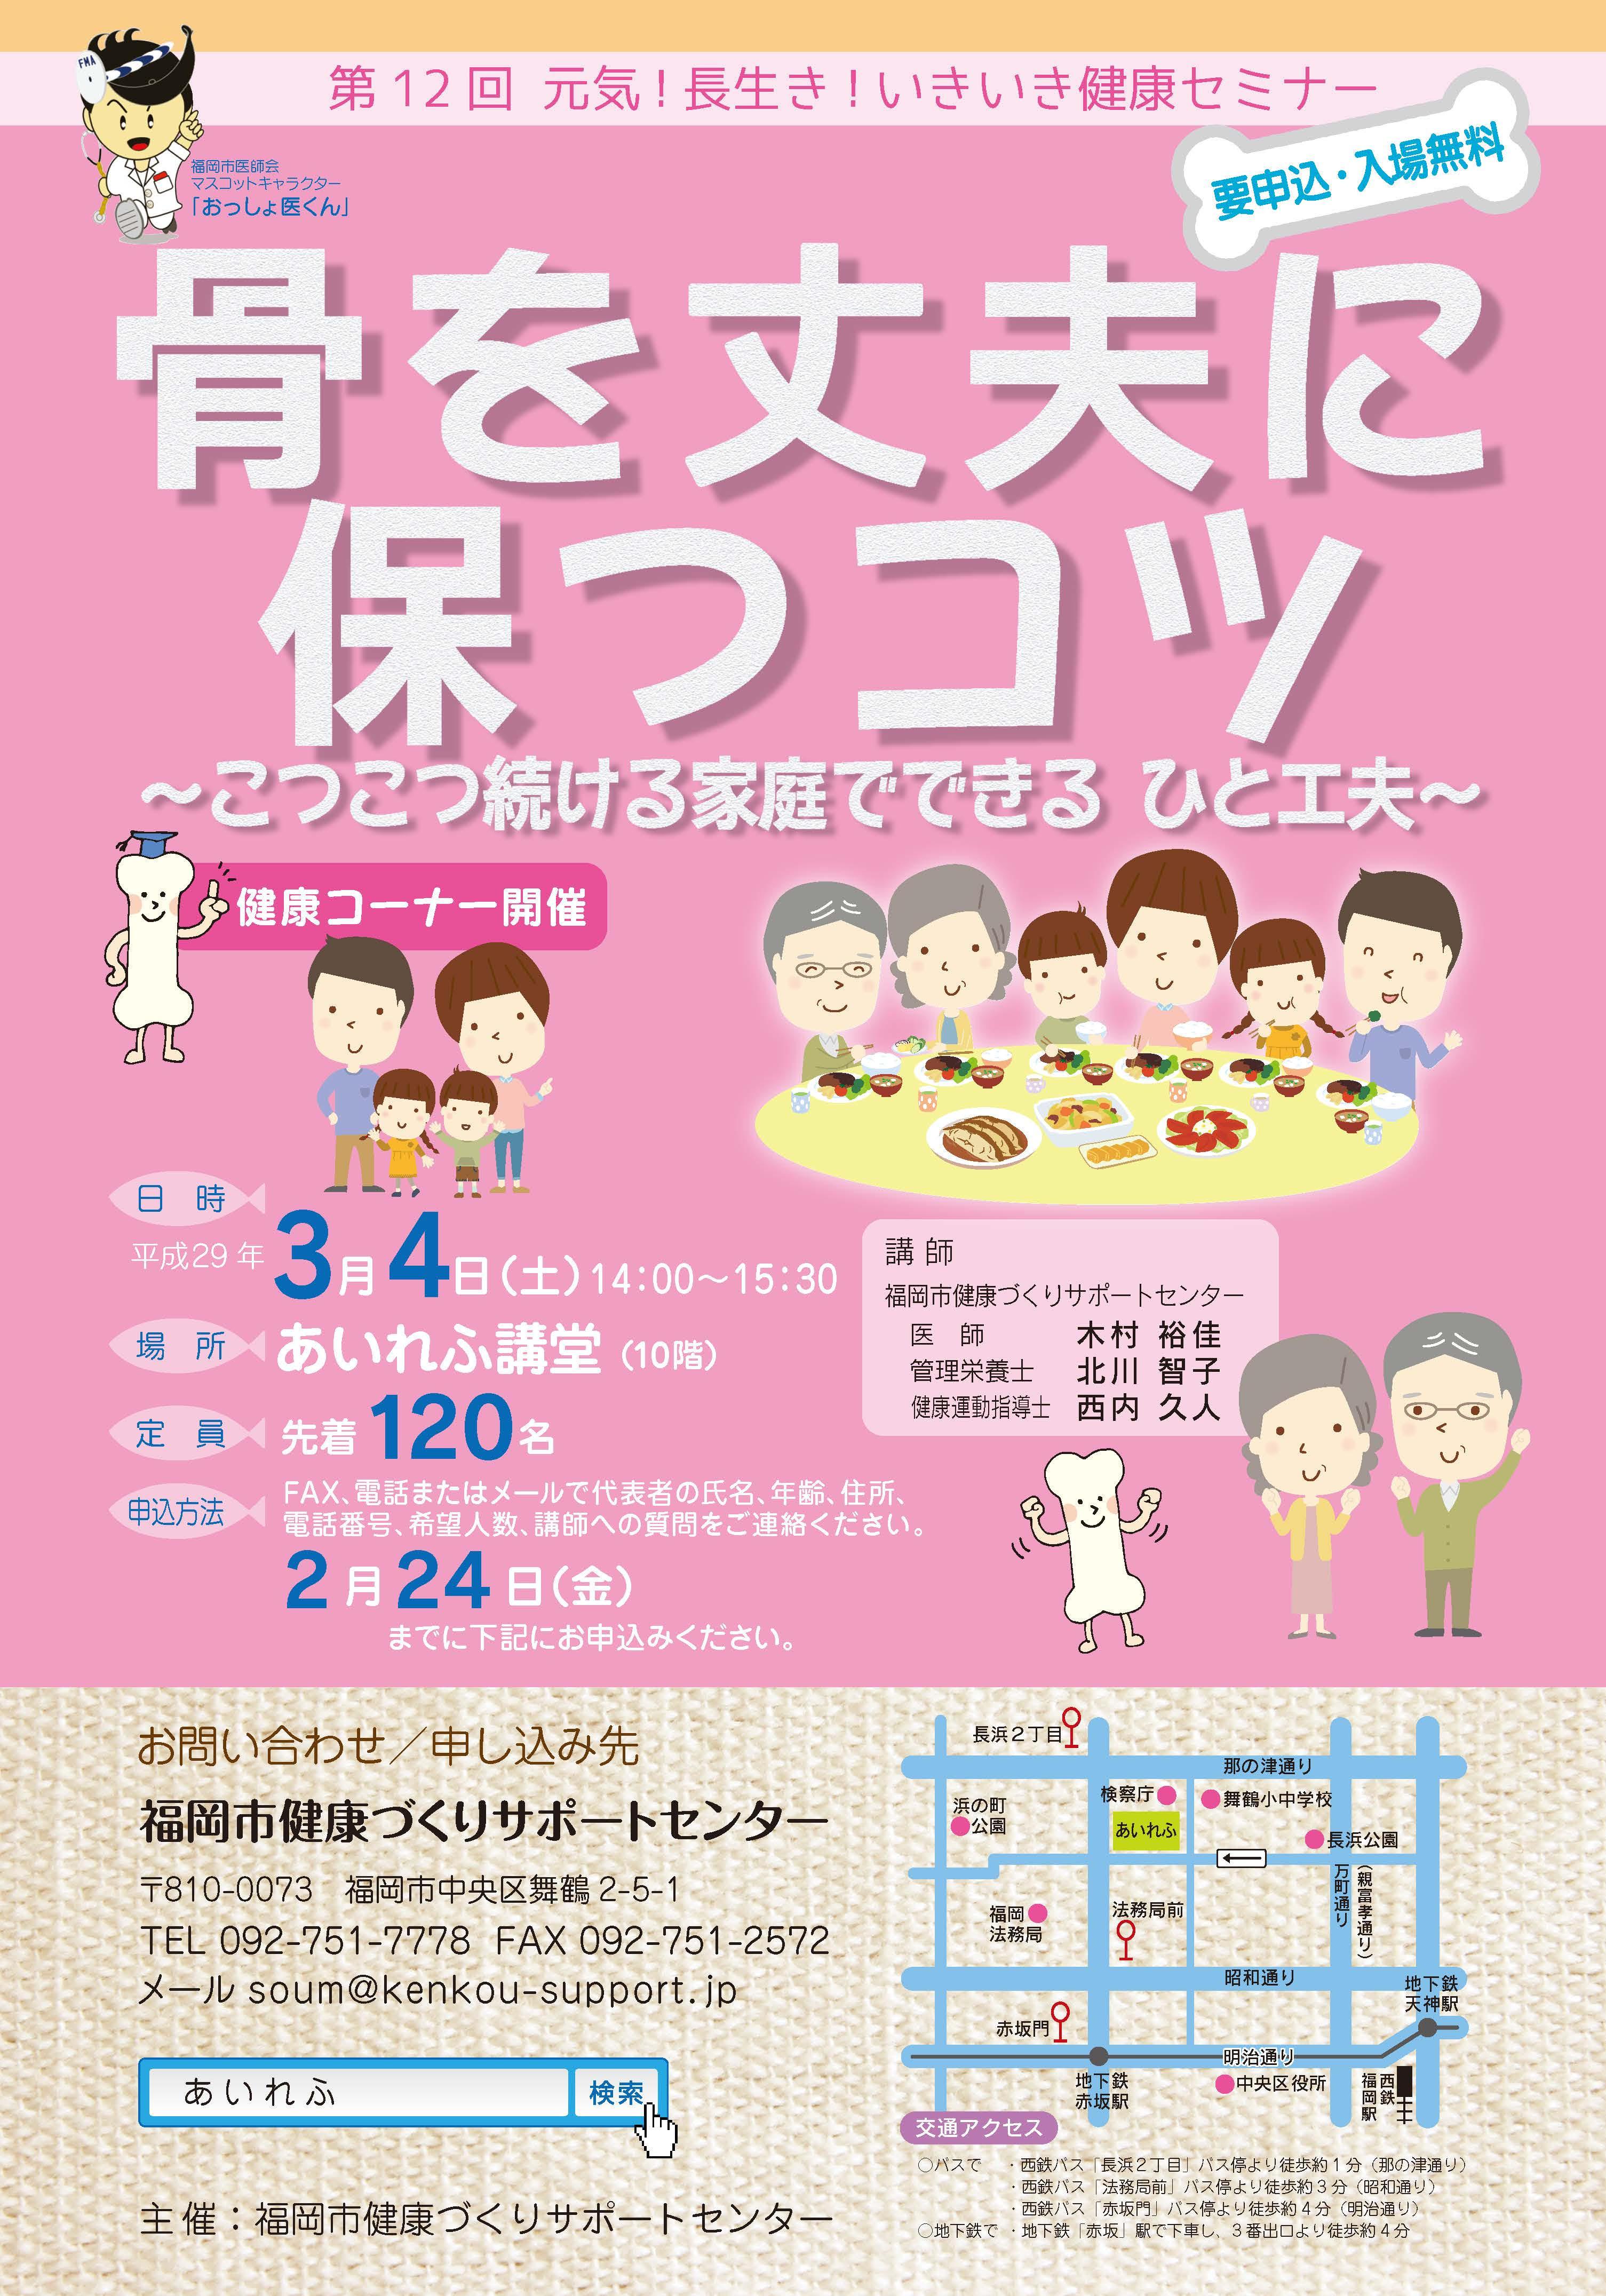 いきいき健康セミナー.jpg